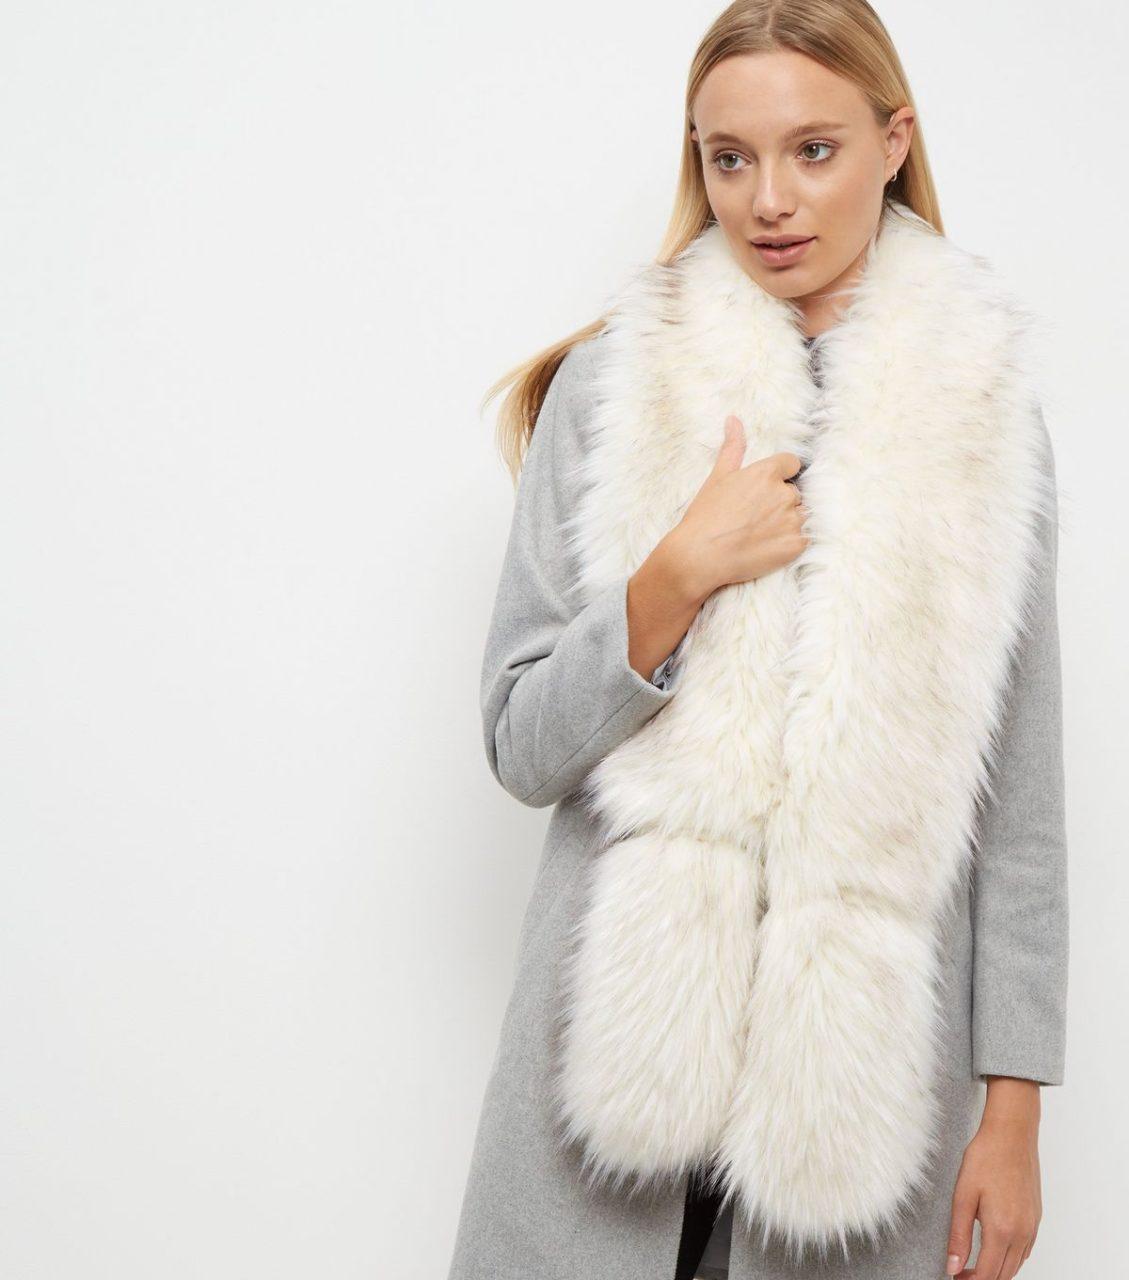 White Fur Stole >> Fabulous Faux Fur Bridal Cover Ups For Winter Weddings Weddingsonline